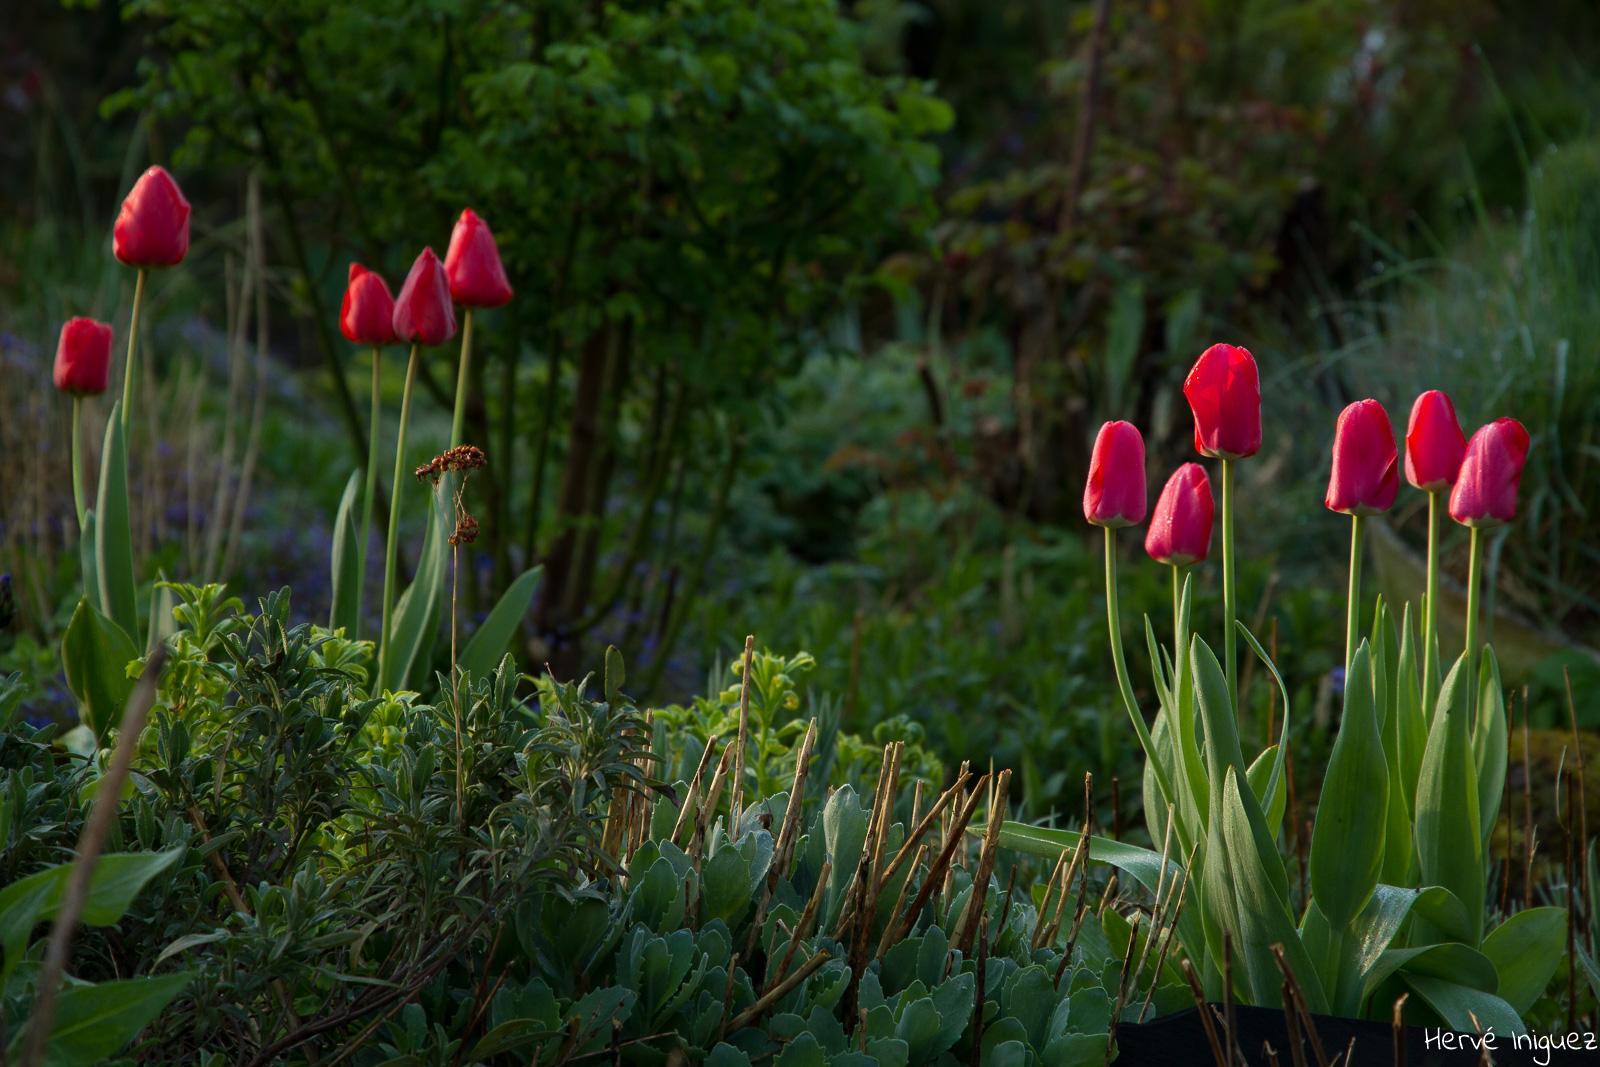 Le jardin du liseron couture sur loir - Comment eradiquer le liseron ...